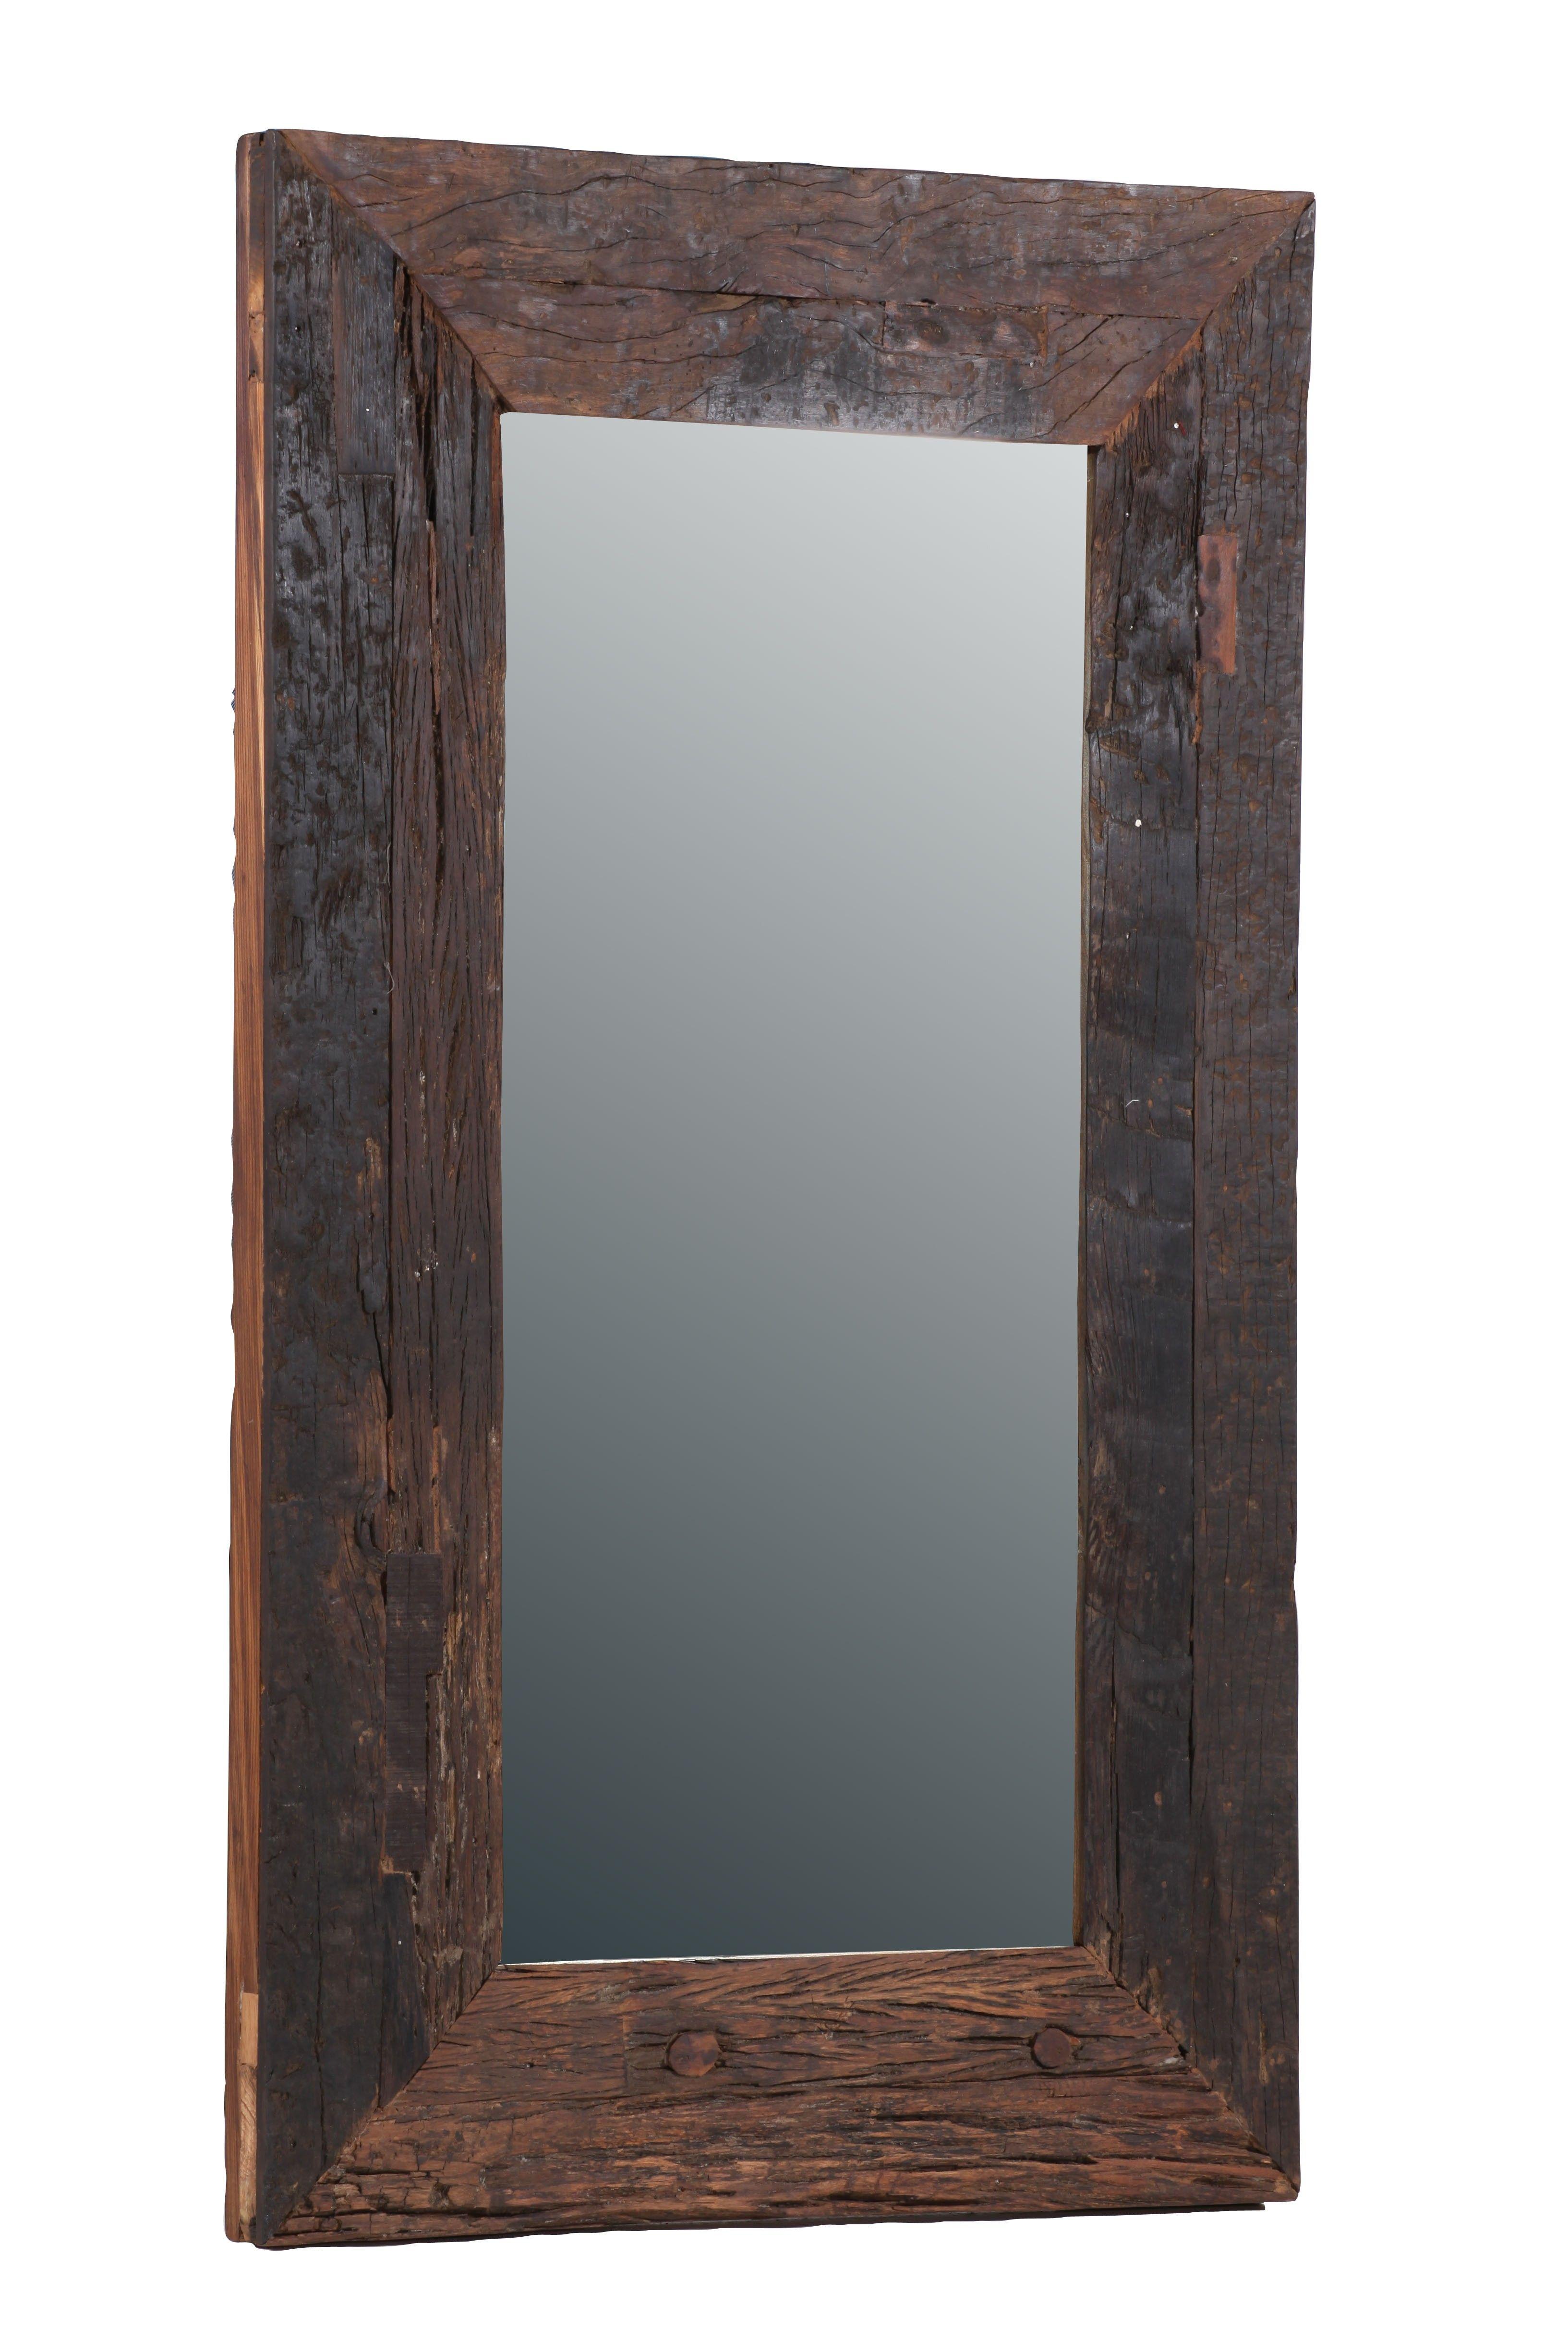 Setzen Sie Vintage Akzente In Ihrem Retro Badezimmer Durch Einen Spiegel!  Der Spiegel